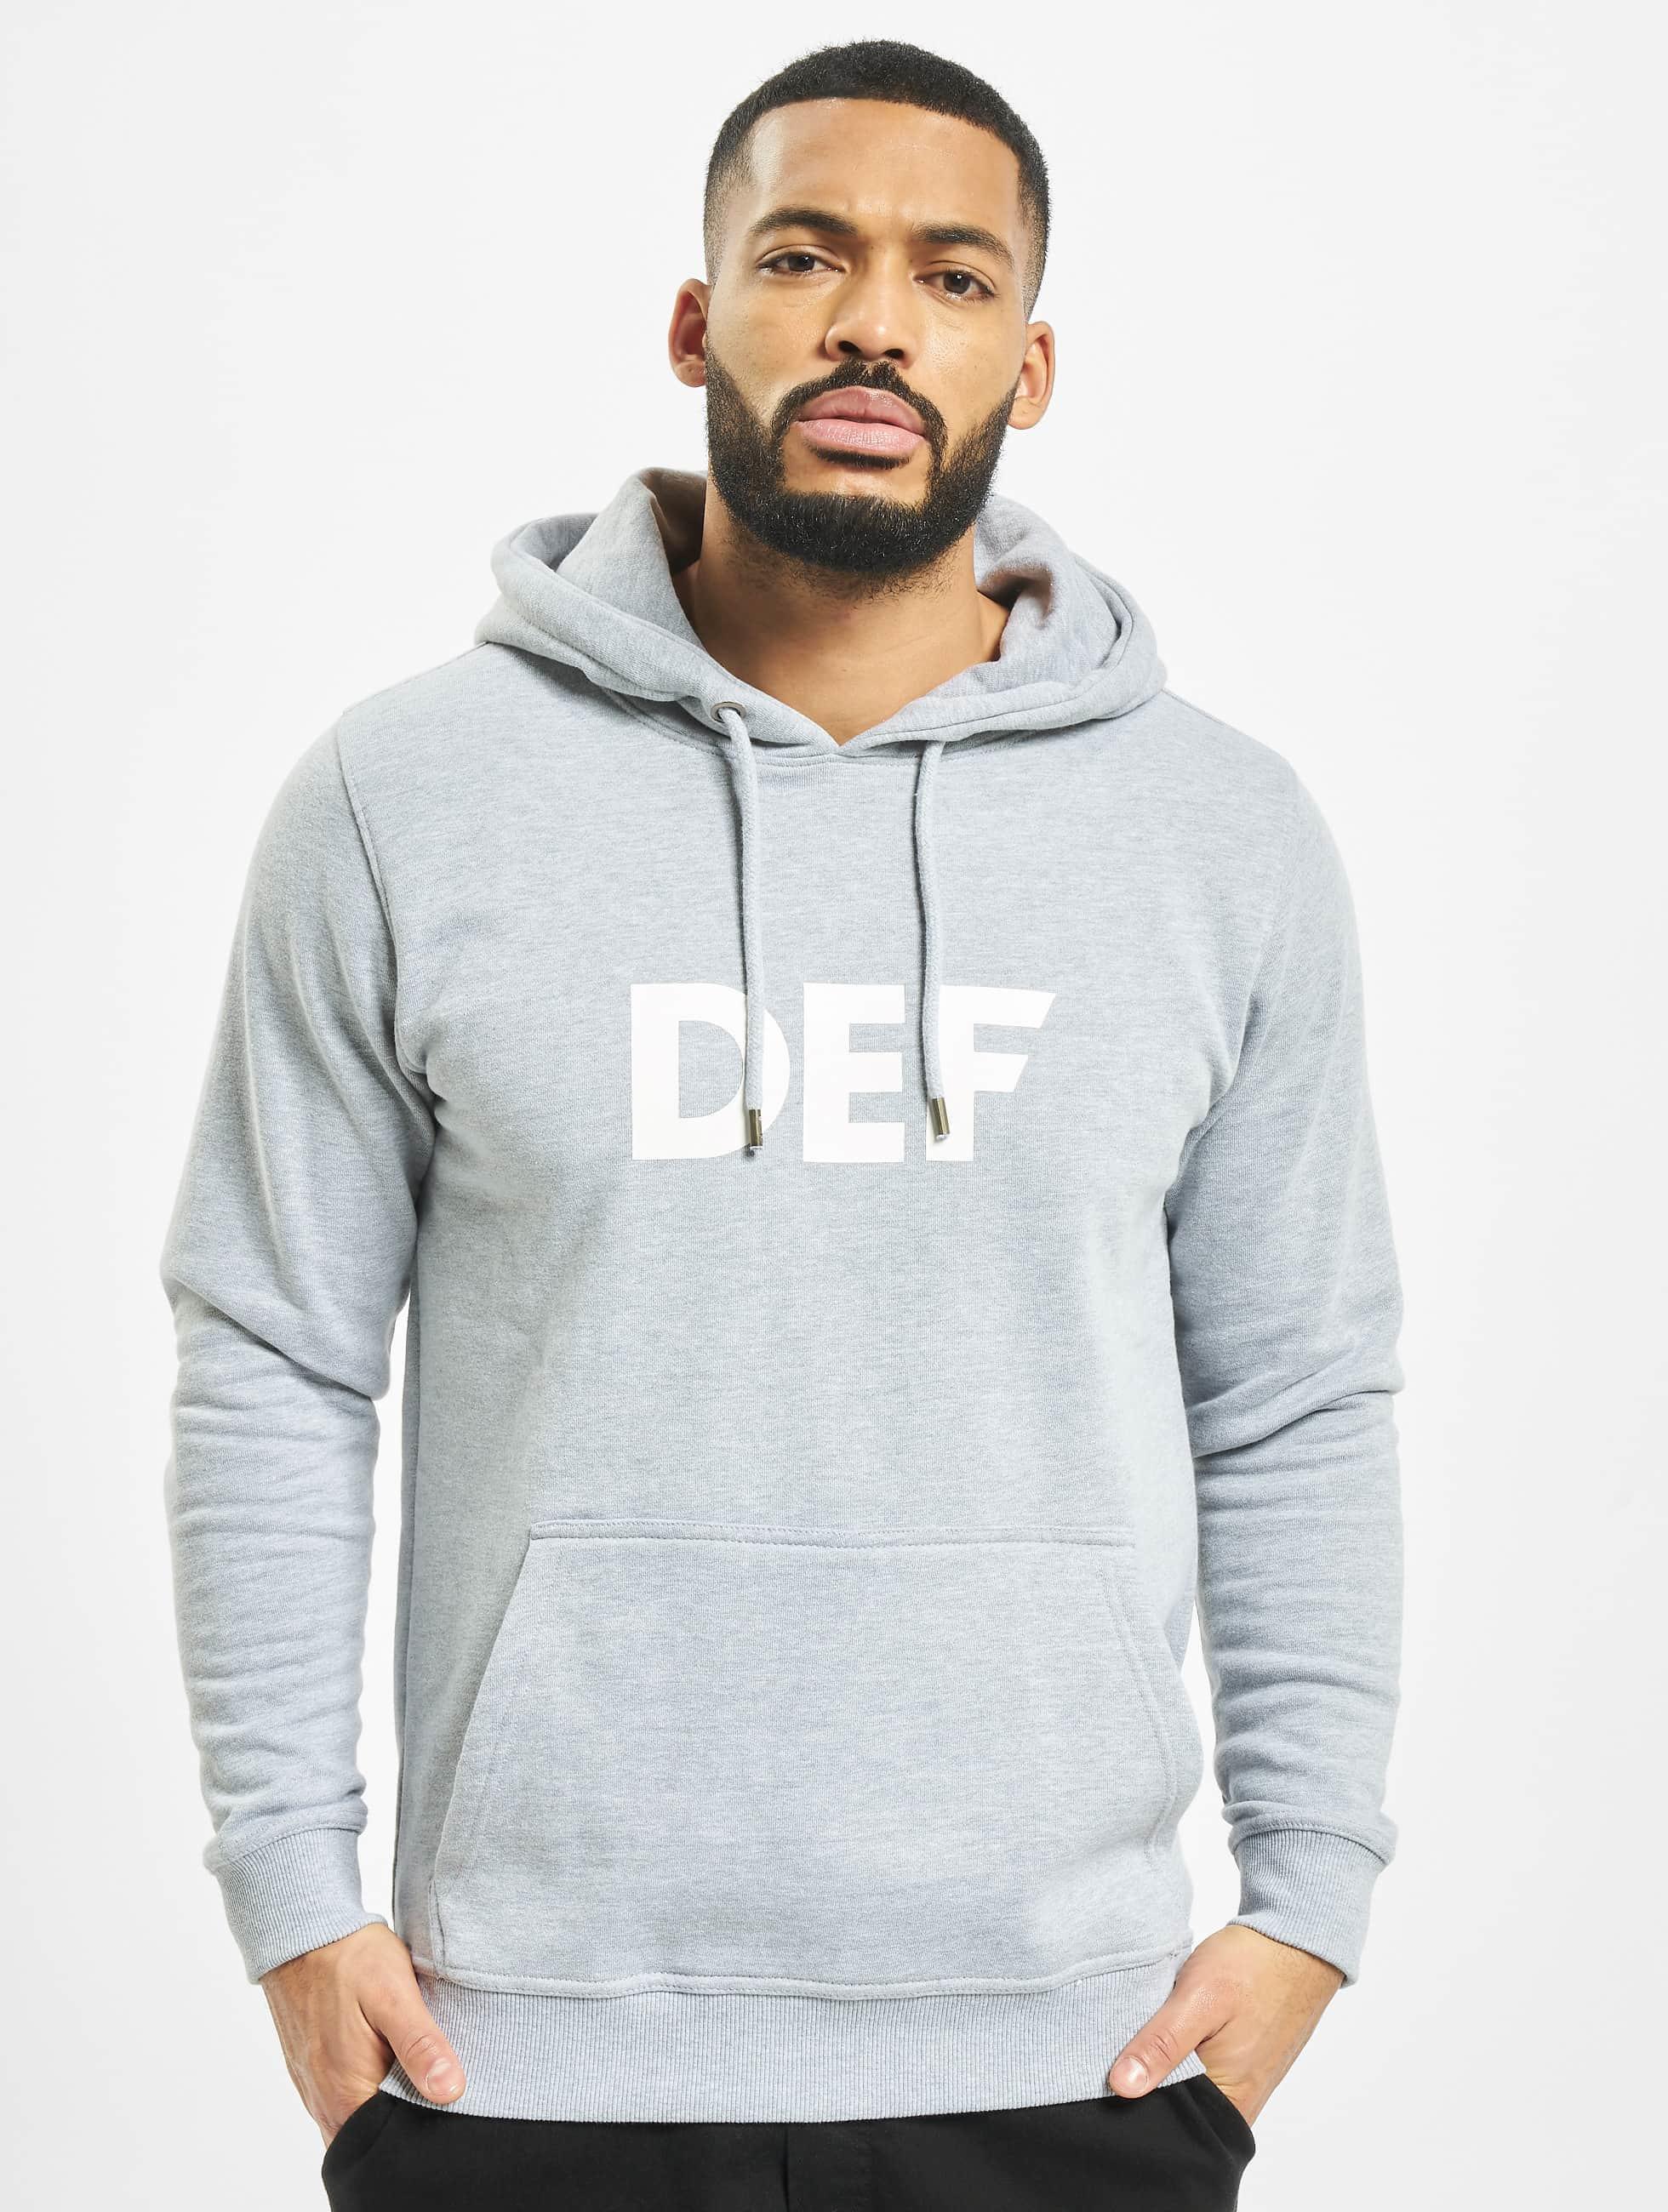 DEF / Hoodie Til Death in grey XL